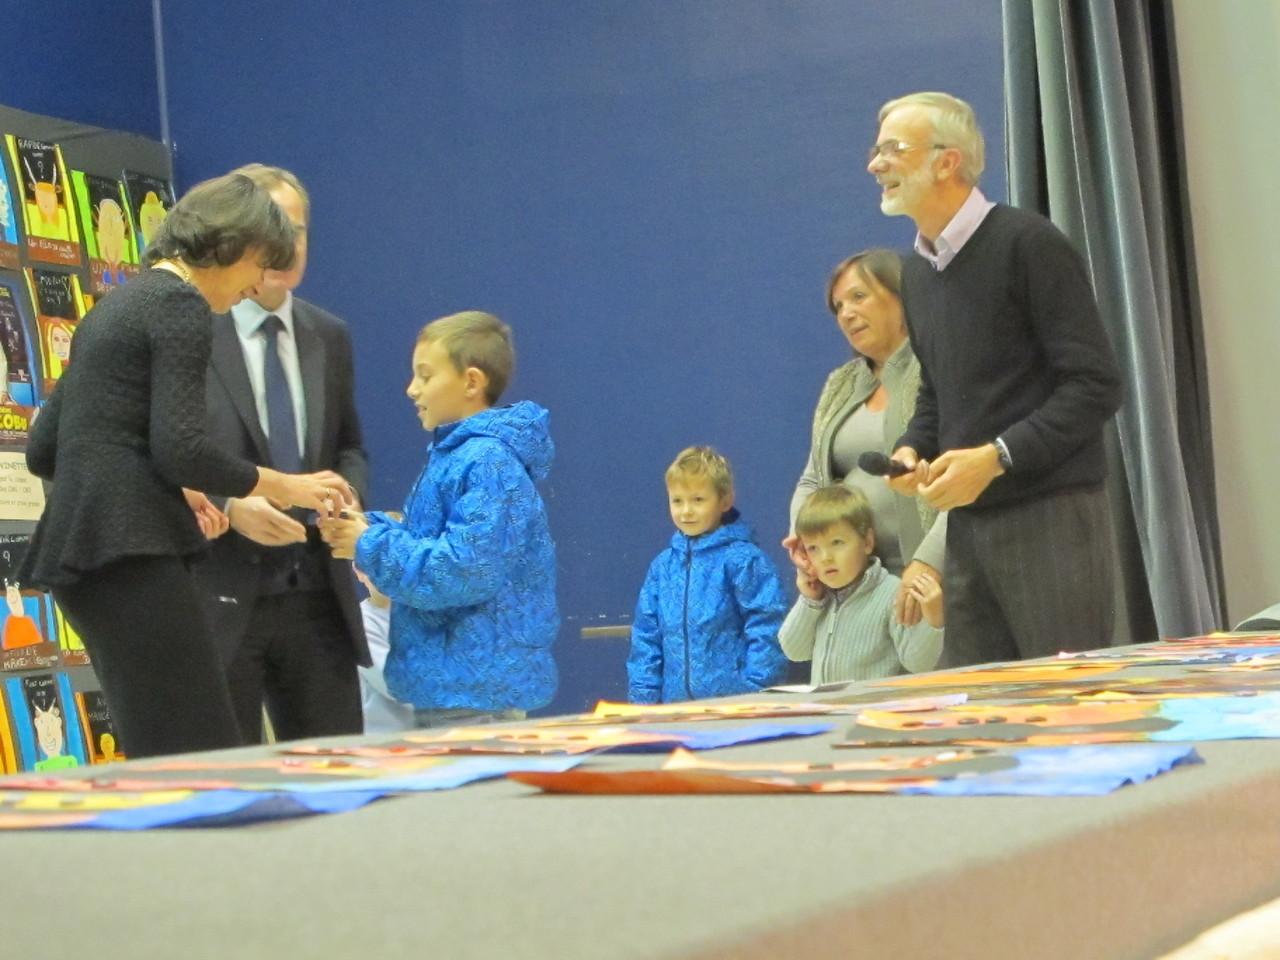 Monsieur le député a demandé à un enfant de remettre la médaille de l'Assemblée Nationale à Madame Lalonde